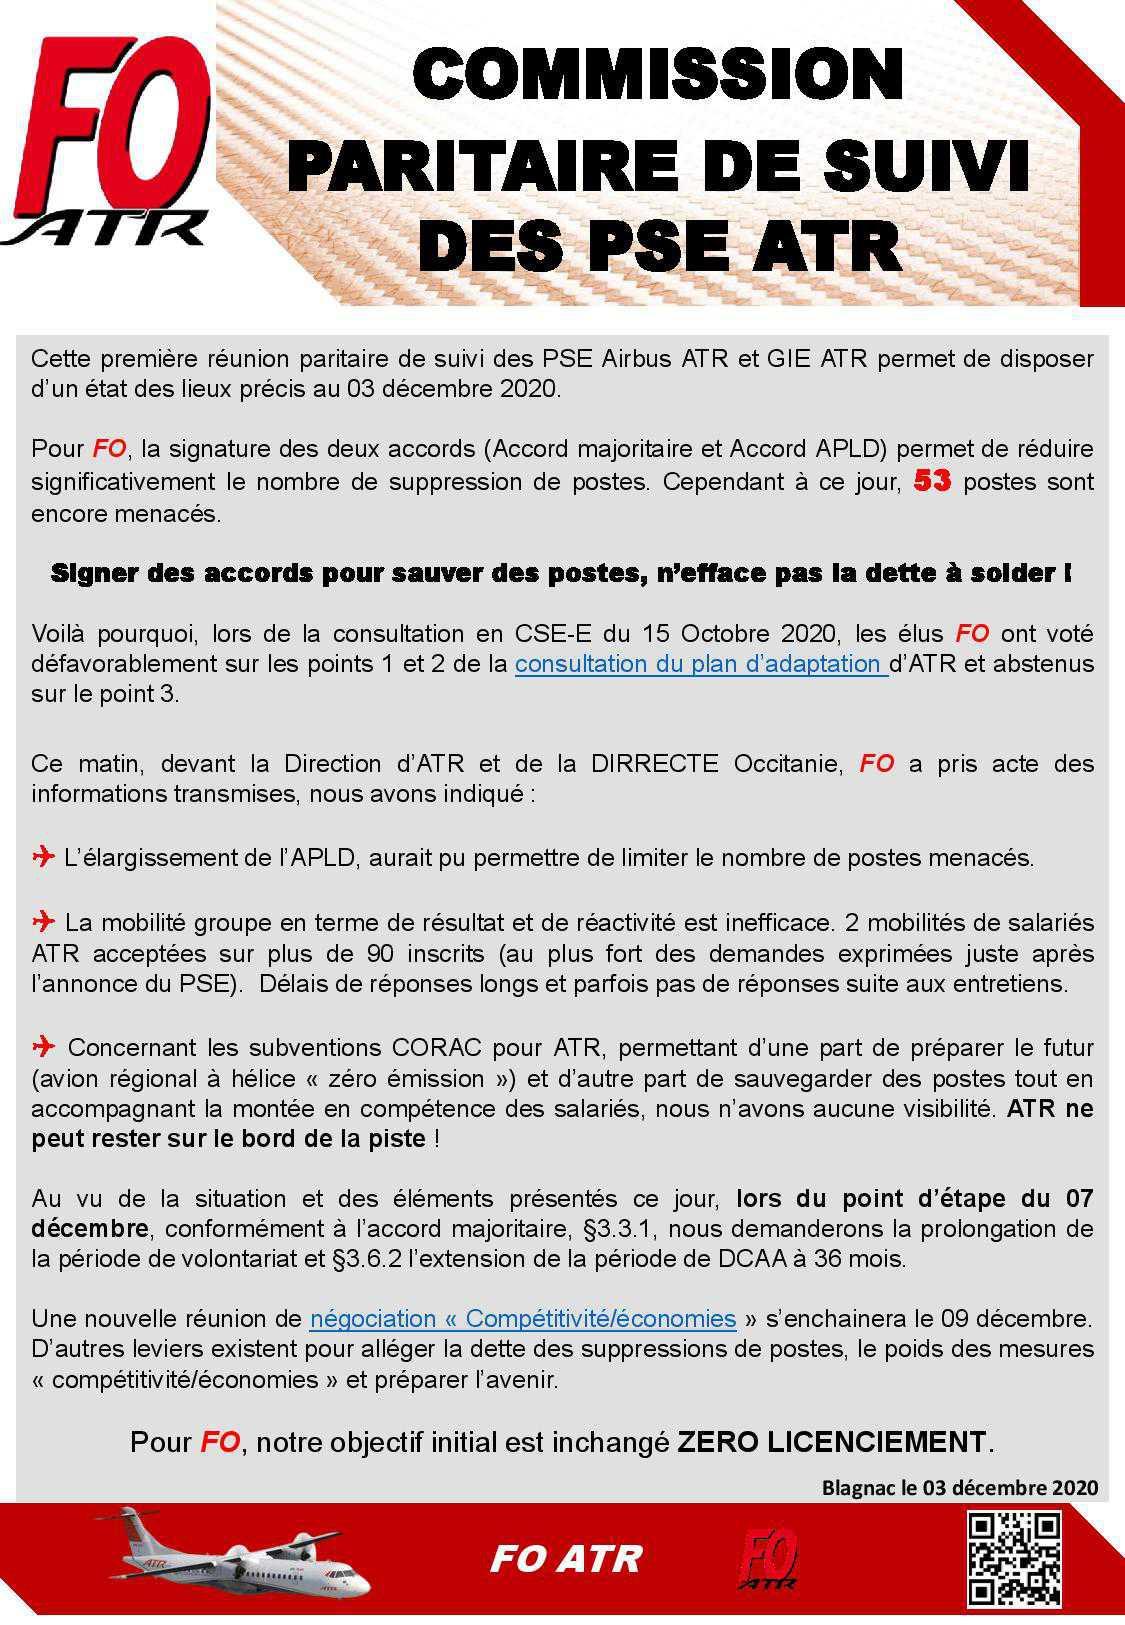 Commission paritaire de suivi des PSE ATR